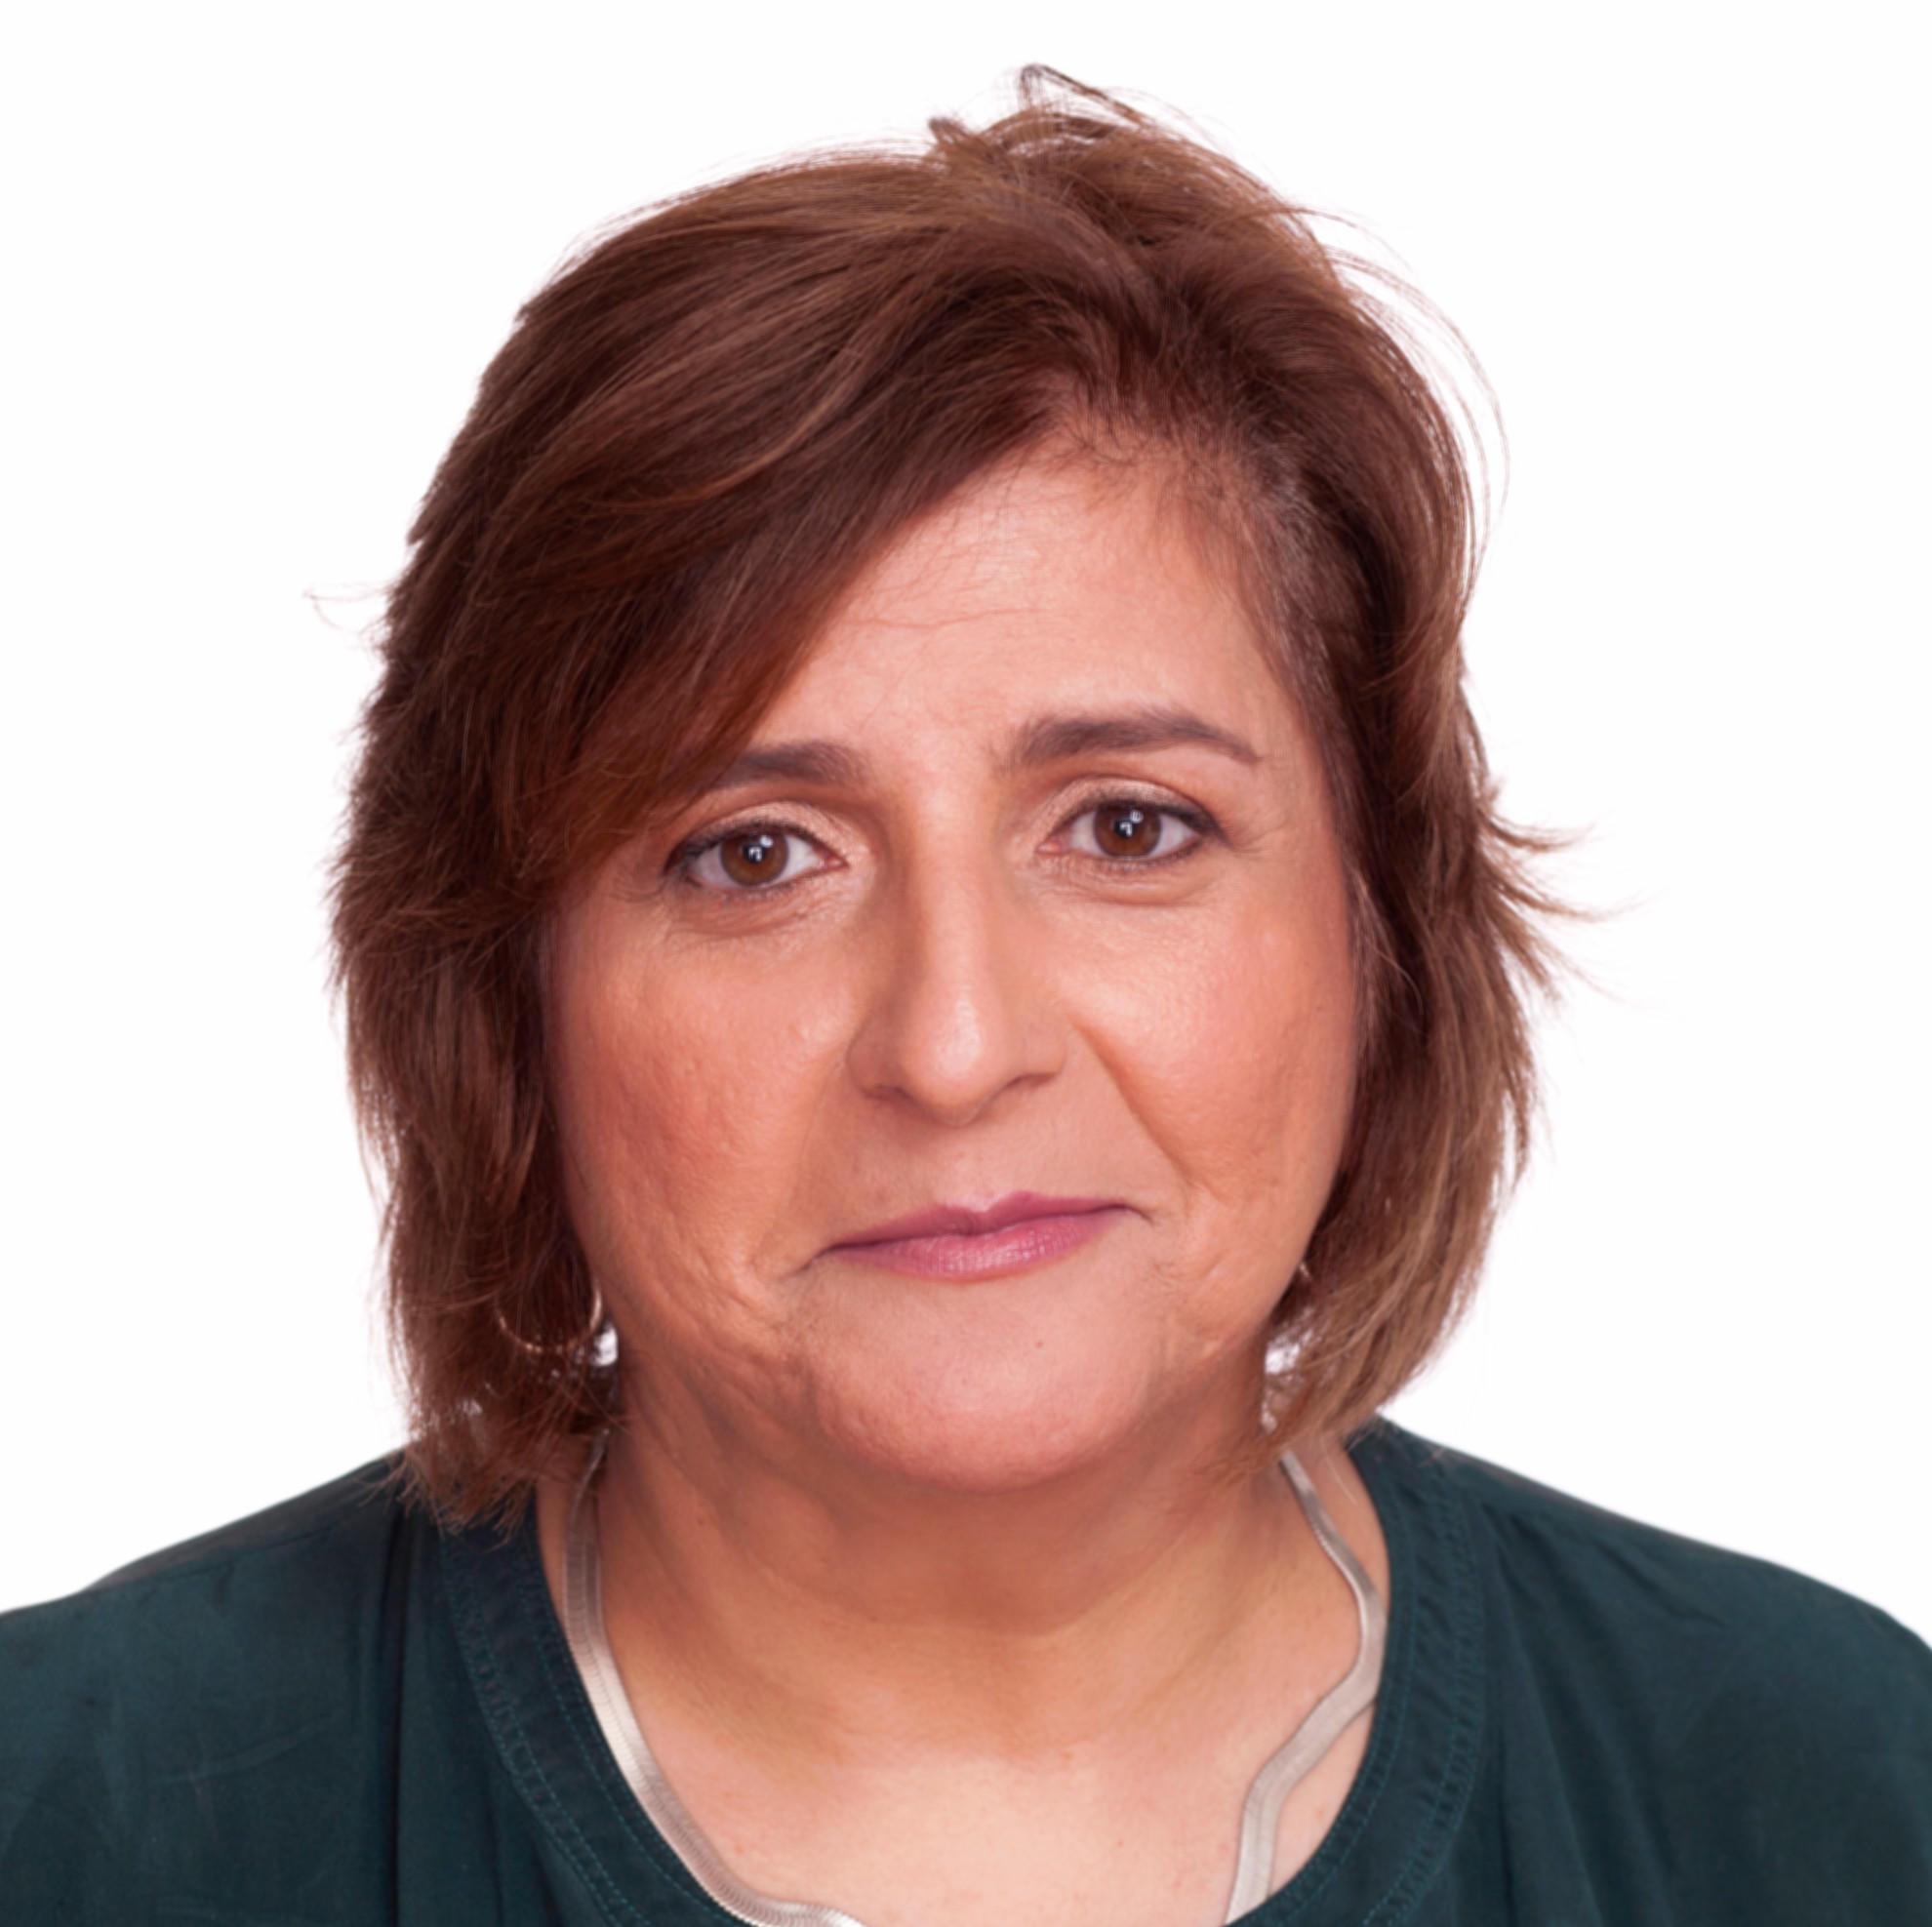 Angela Quintal